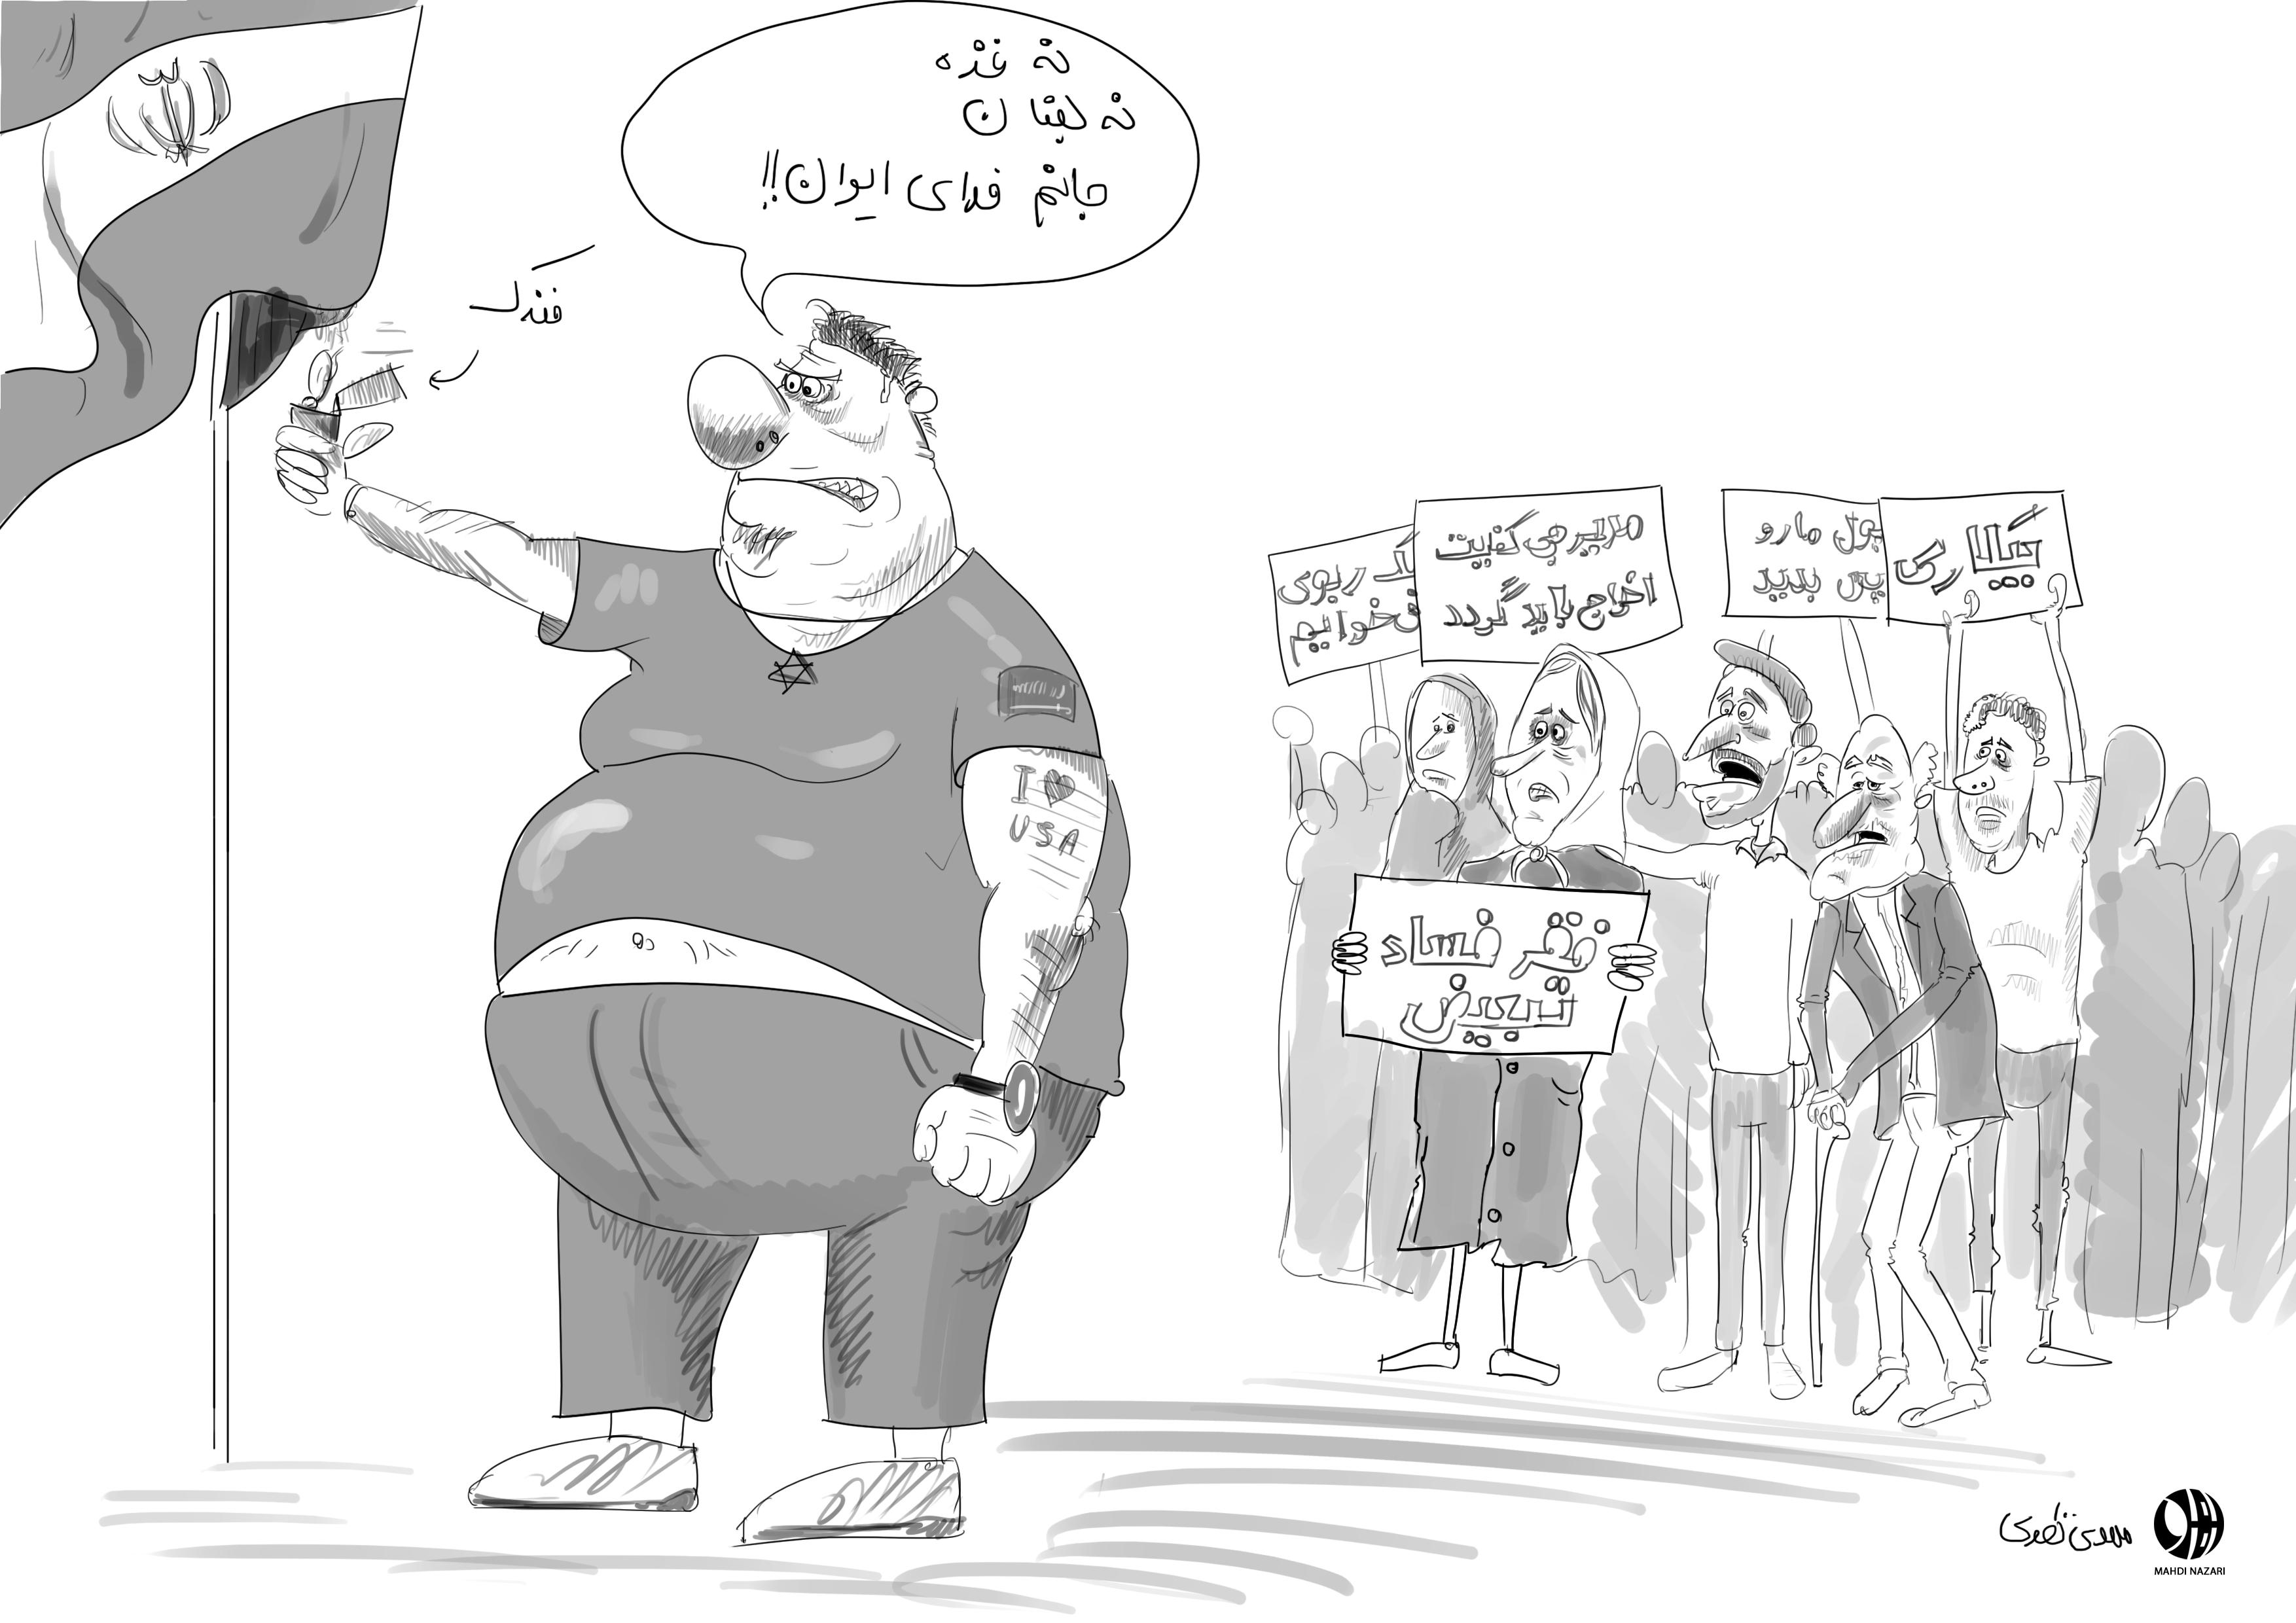 نه غزه، نه ايران، نه غيرت، نه شرف